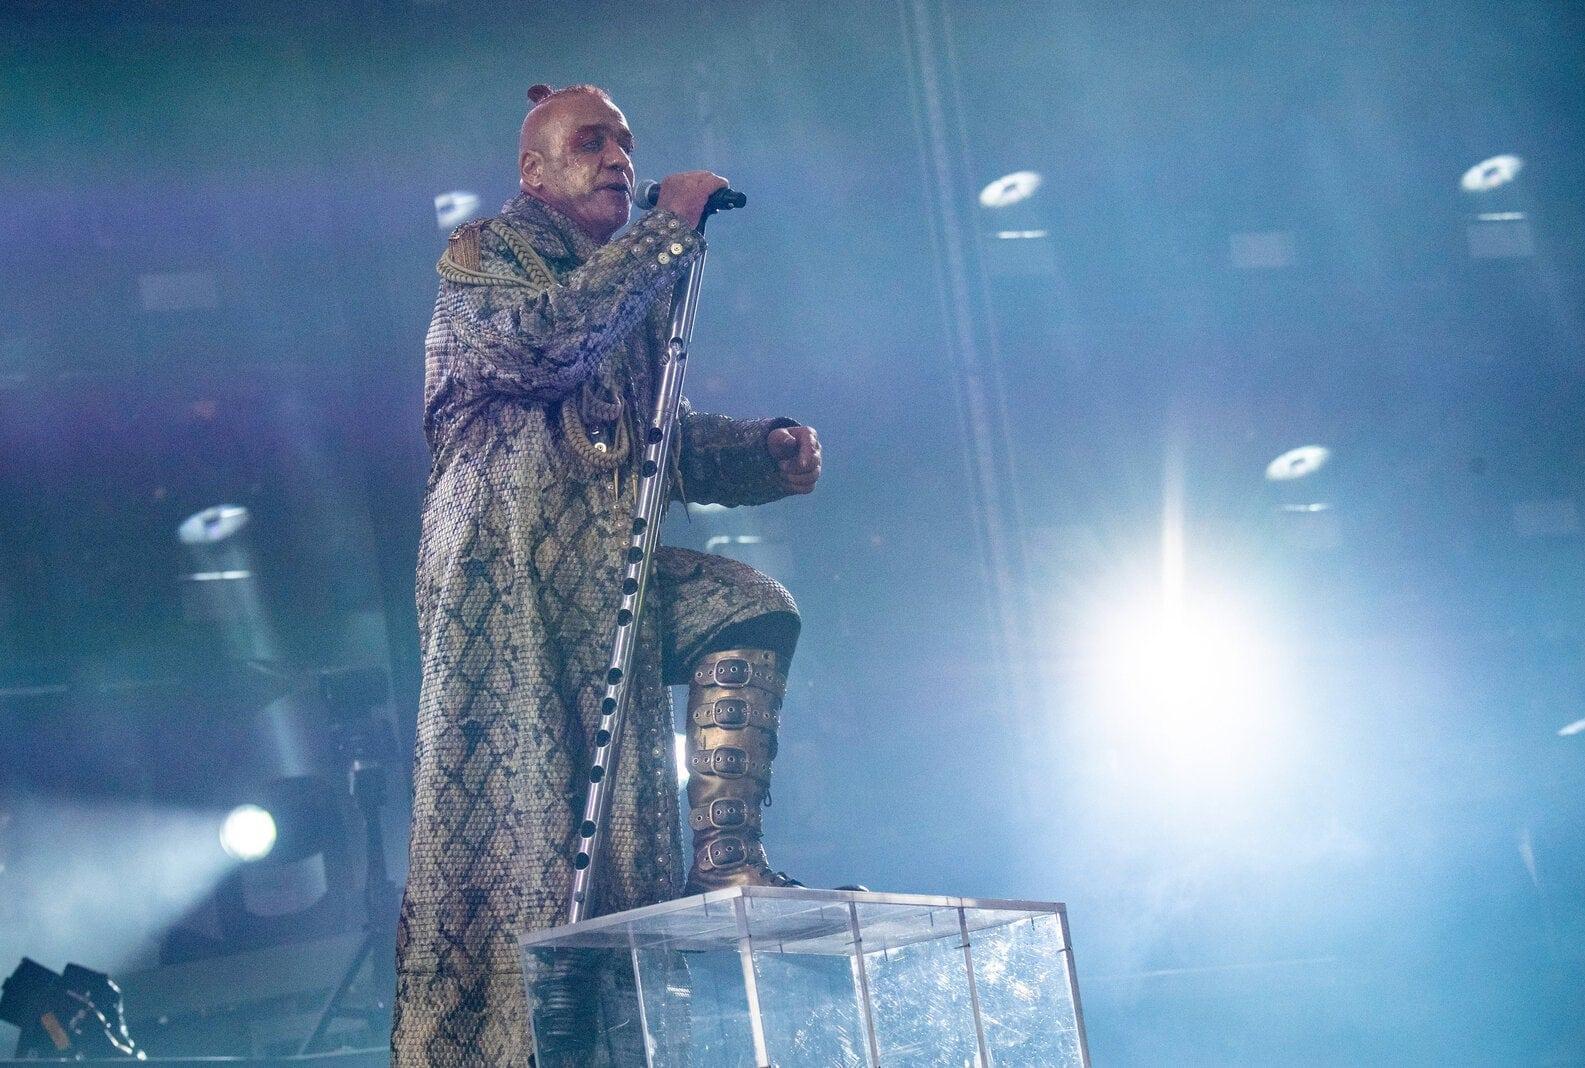 Rammstein Tour 2019 - Frankfurt am Main Till Lindemann